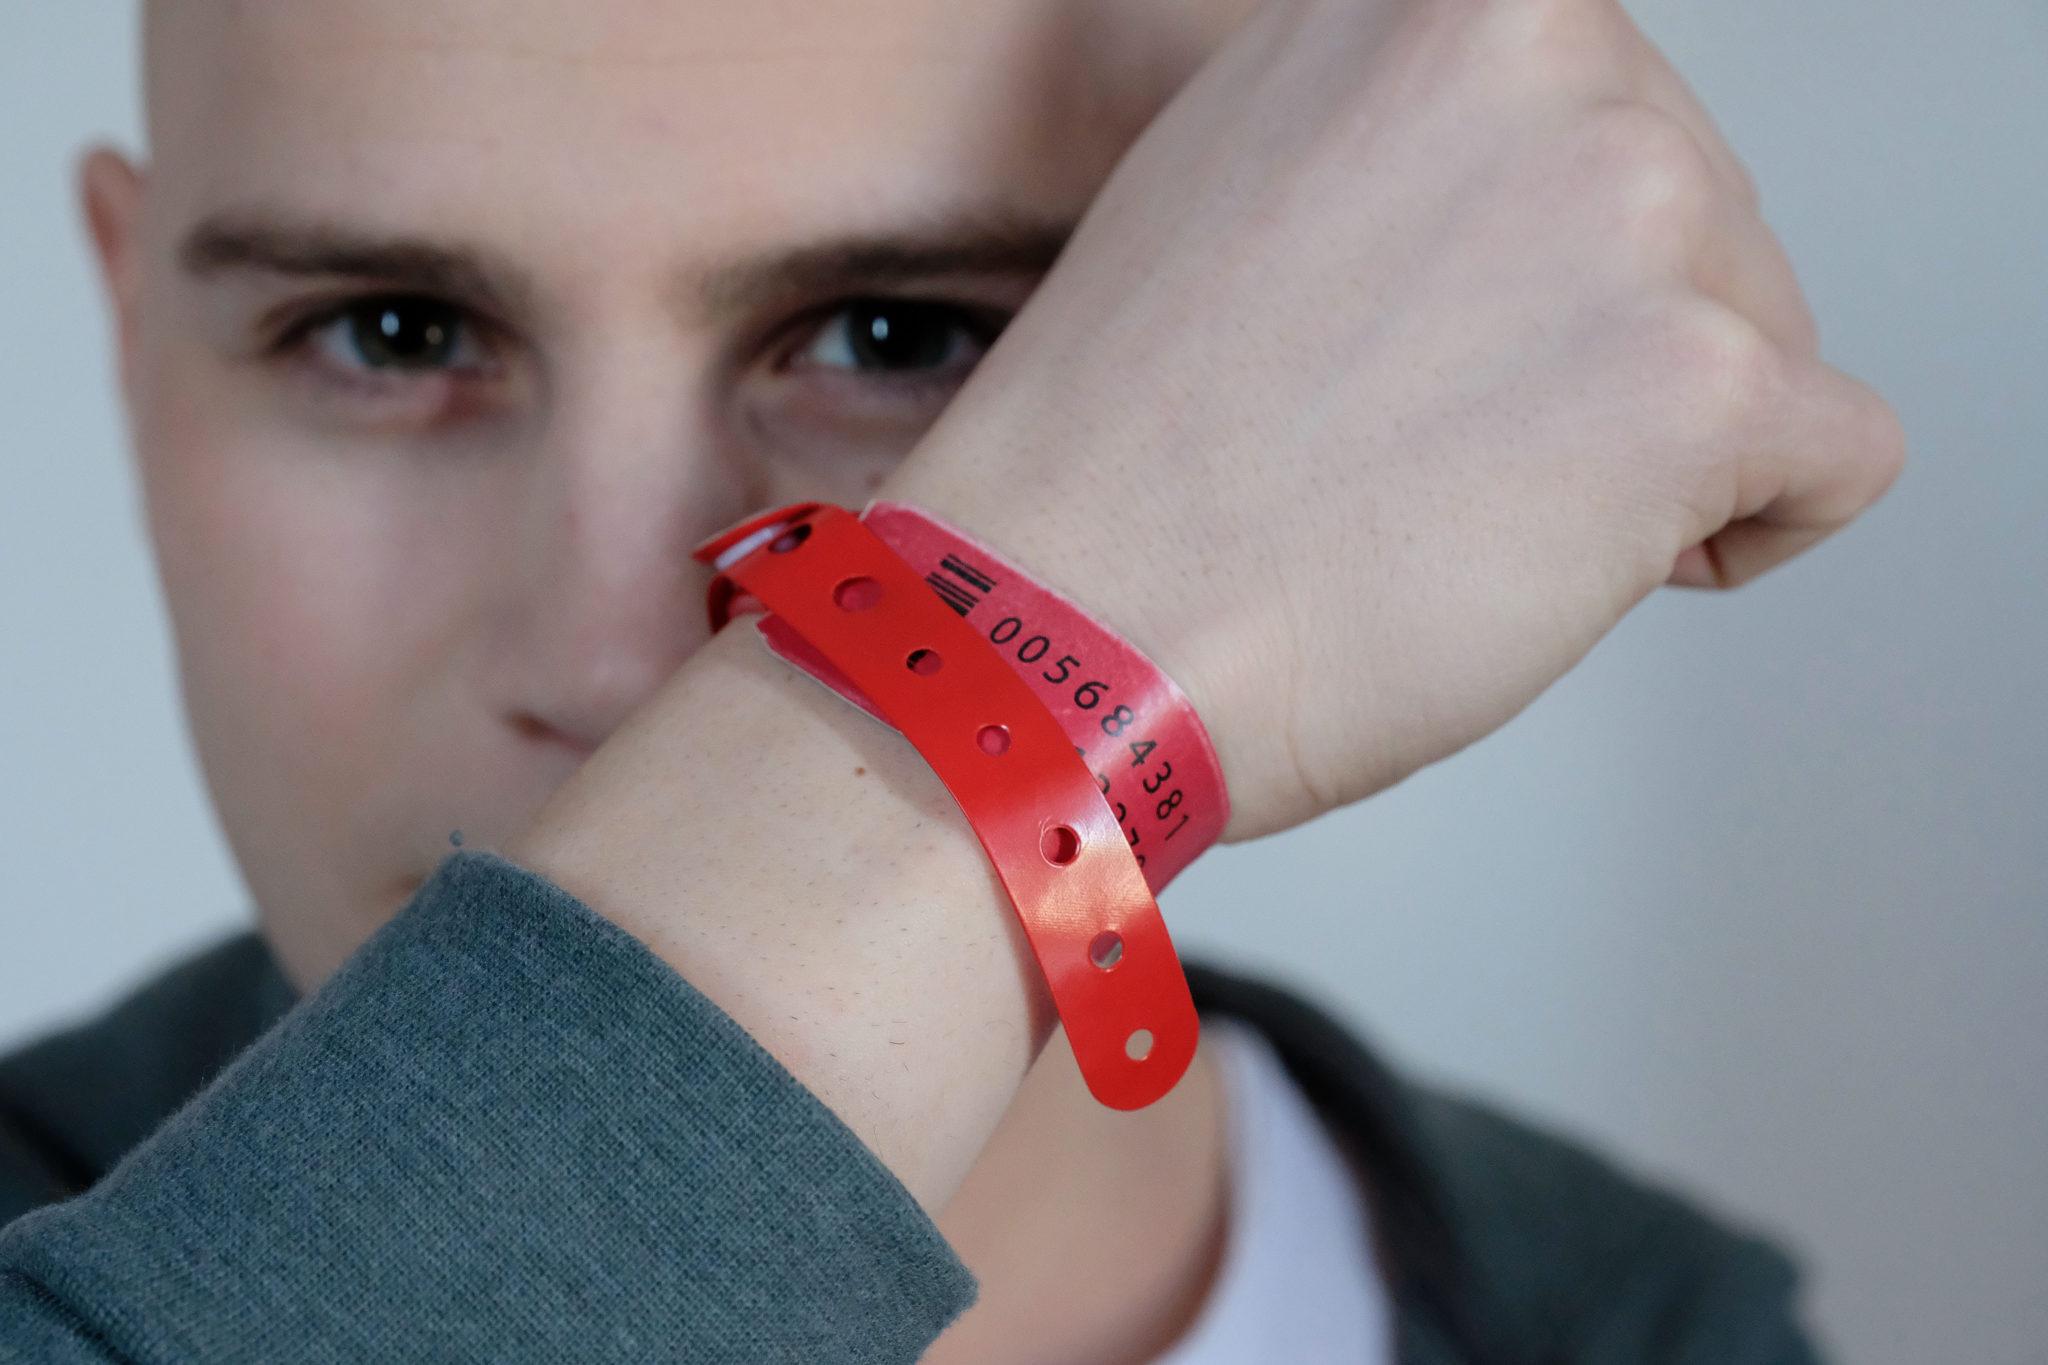 Les bracelets rouges saison 1 image 1